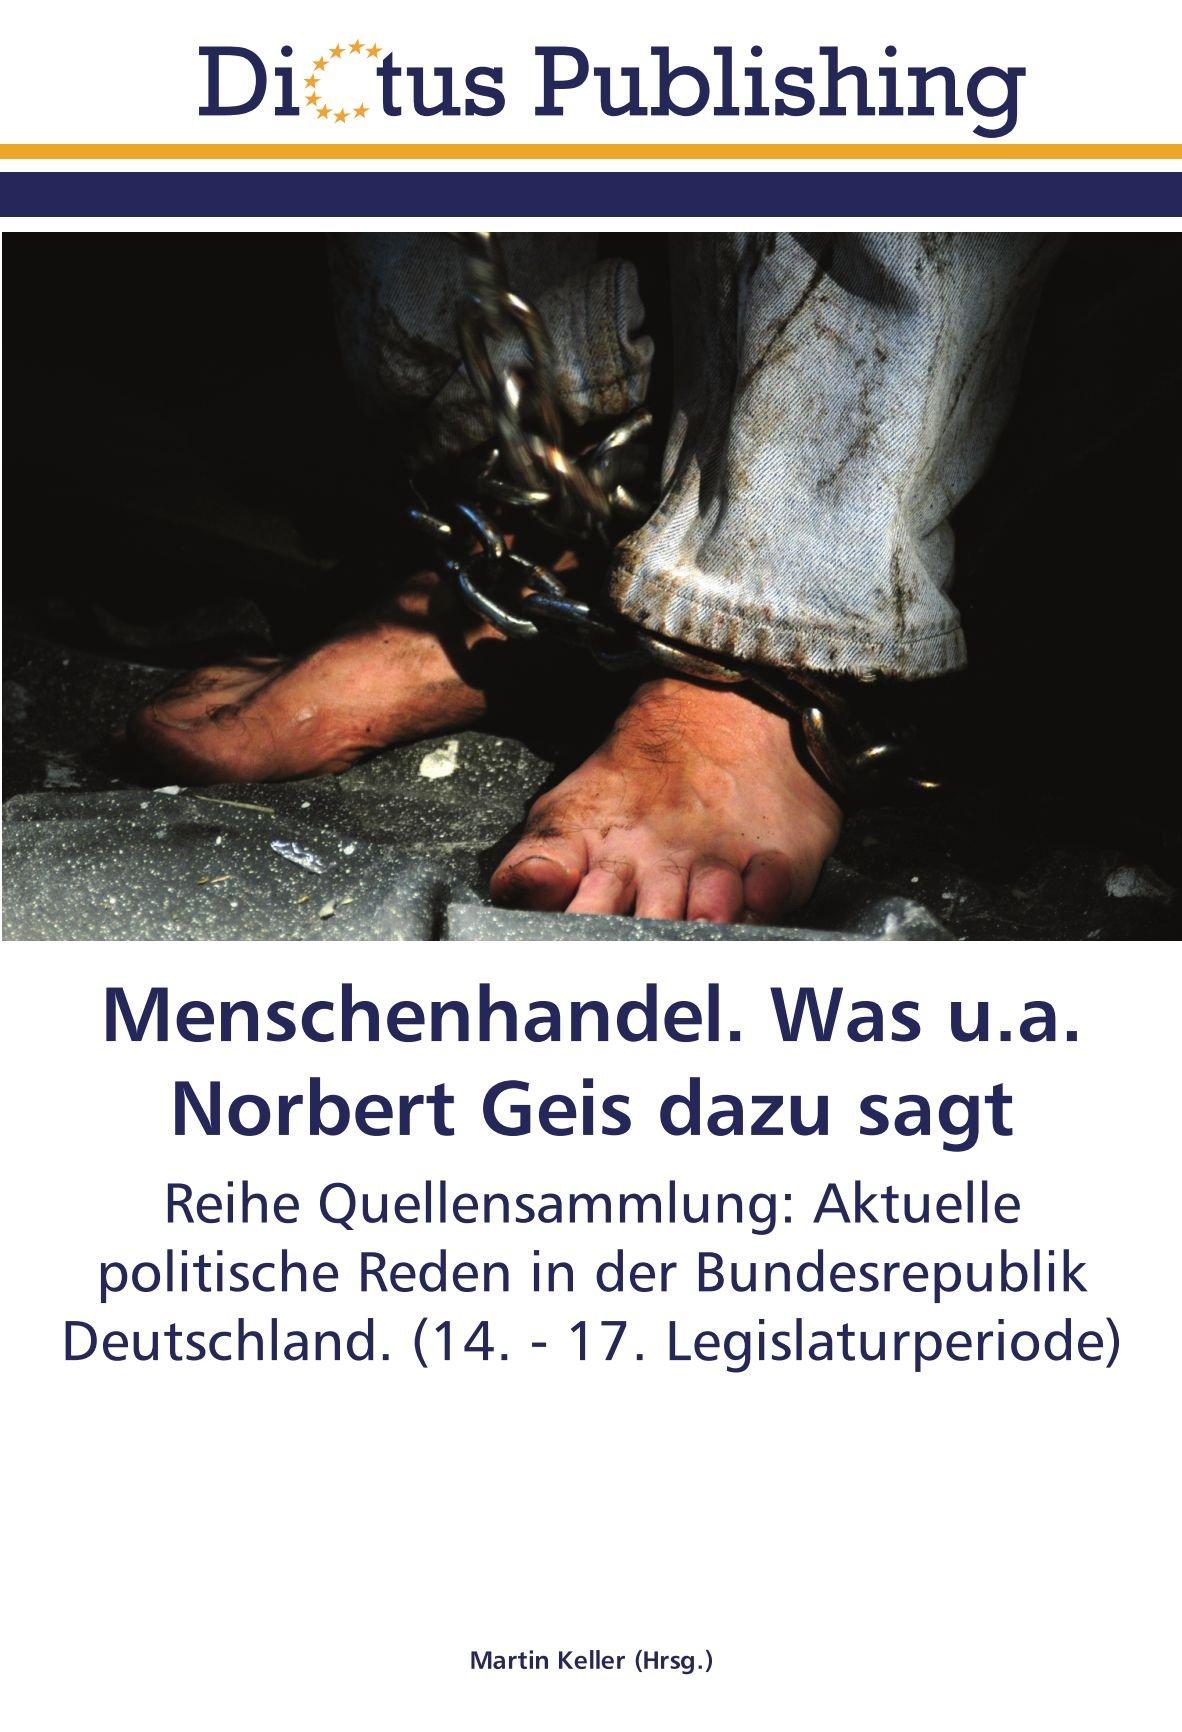 Read Online Menschenhandel. Was u.a. Norbert Geis dazu sagt: Reihe Quellensammlung: Aktuelle politische Reden in der Bundesrepublik Deutschland. (14. - 17. Legislaturperiode) (German Edition) PDF